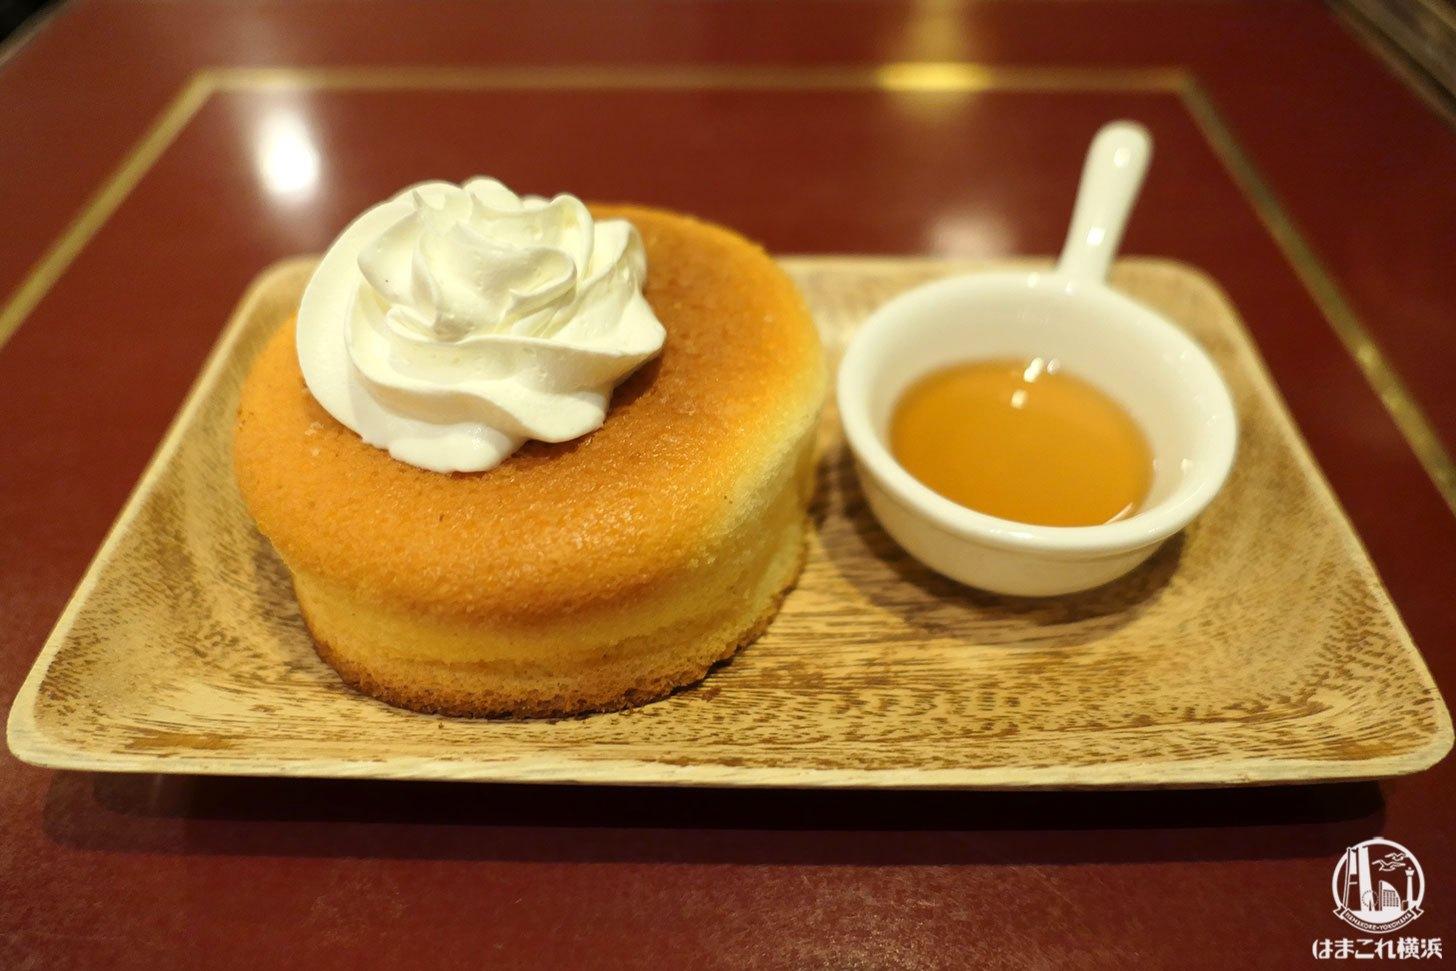 サモアール・横浜ジョイナスに窯焼きスフレパンケーキ!ロイヤルミルクティーとセットで